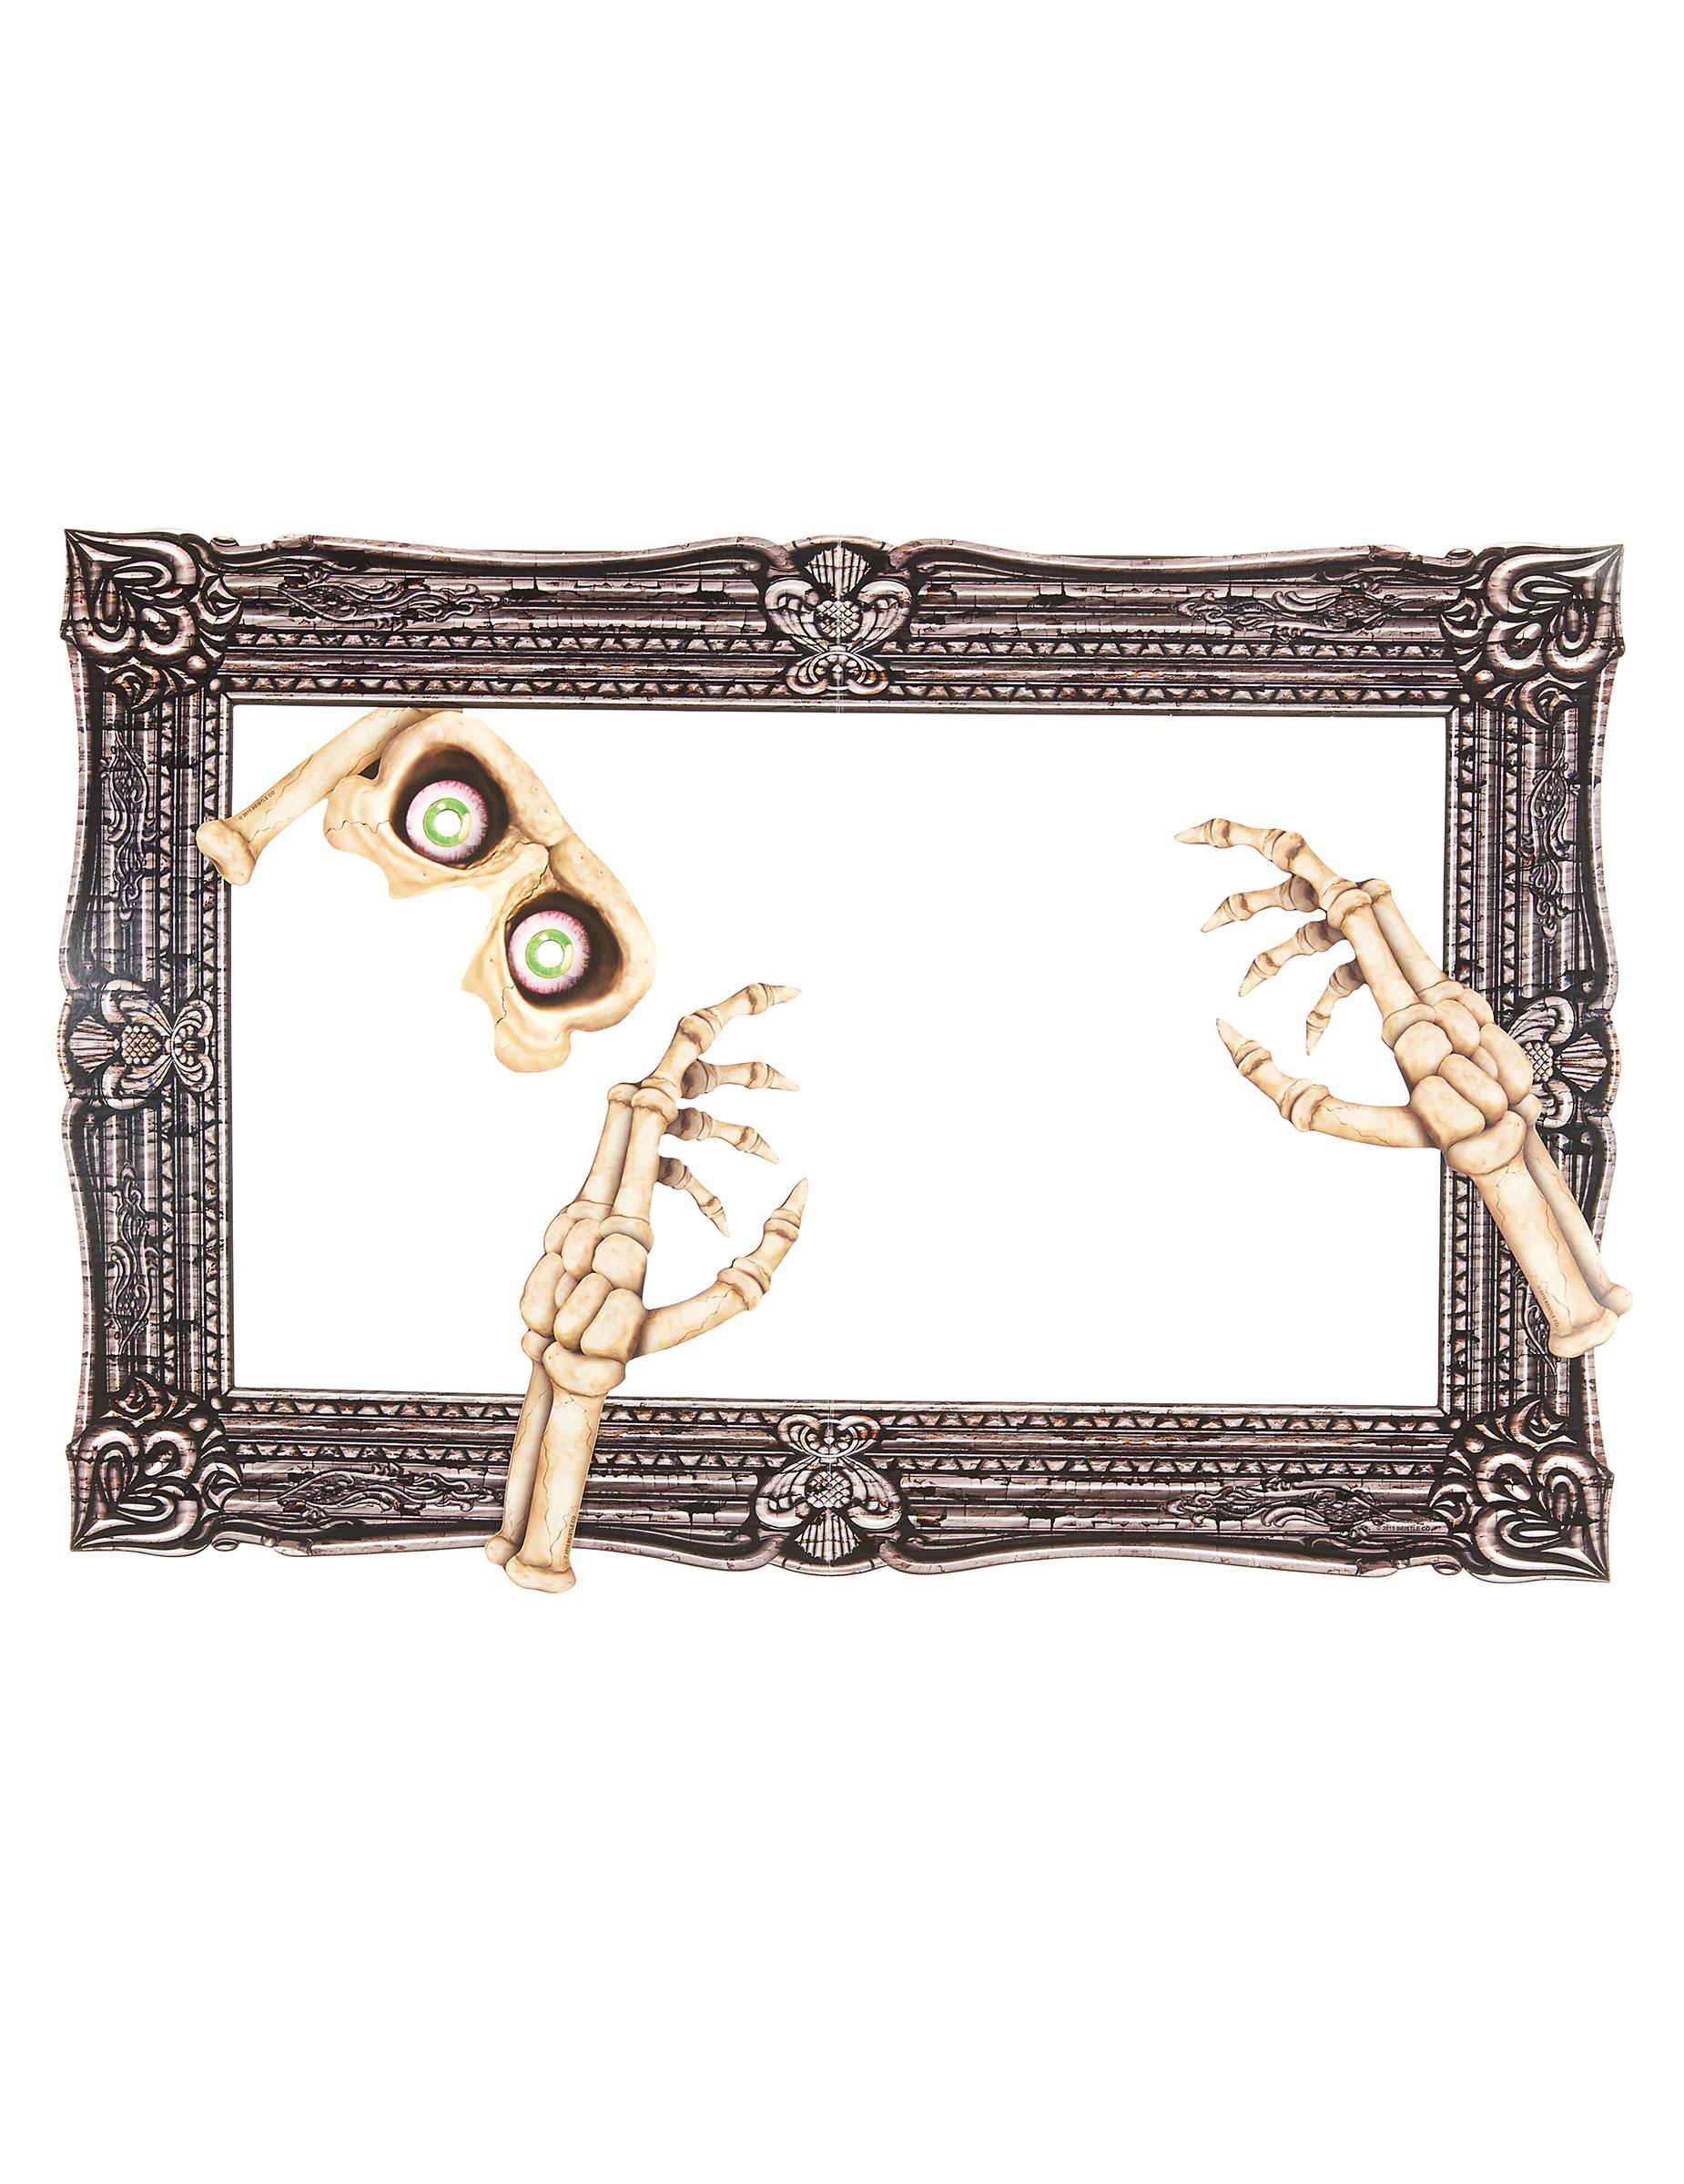 Kit photocall con marco Halloween: Decoración,y disfraces originales ...